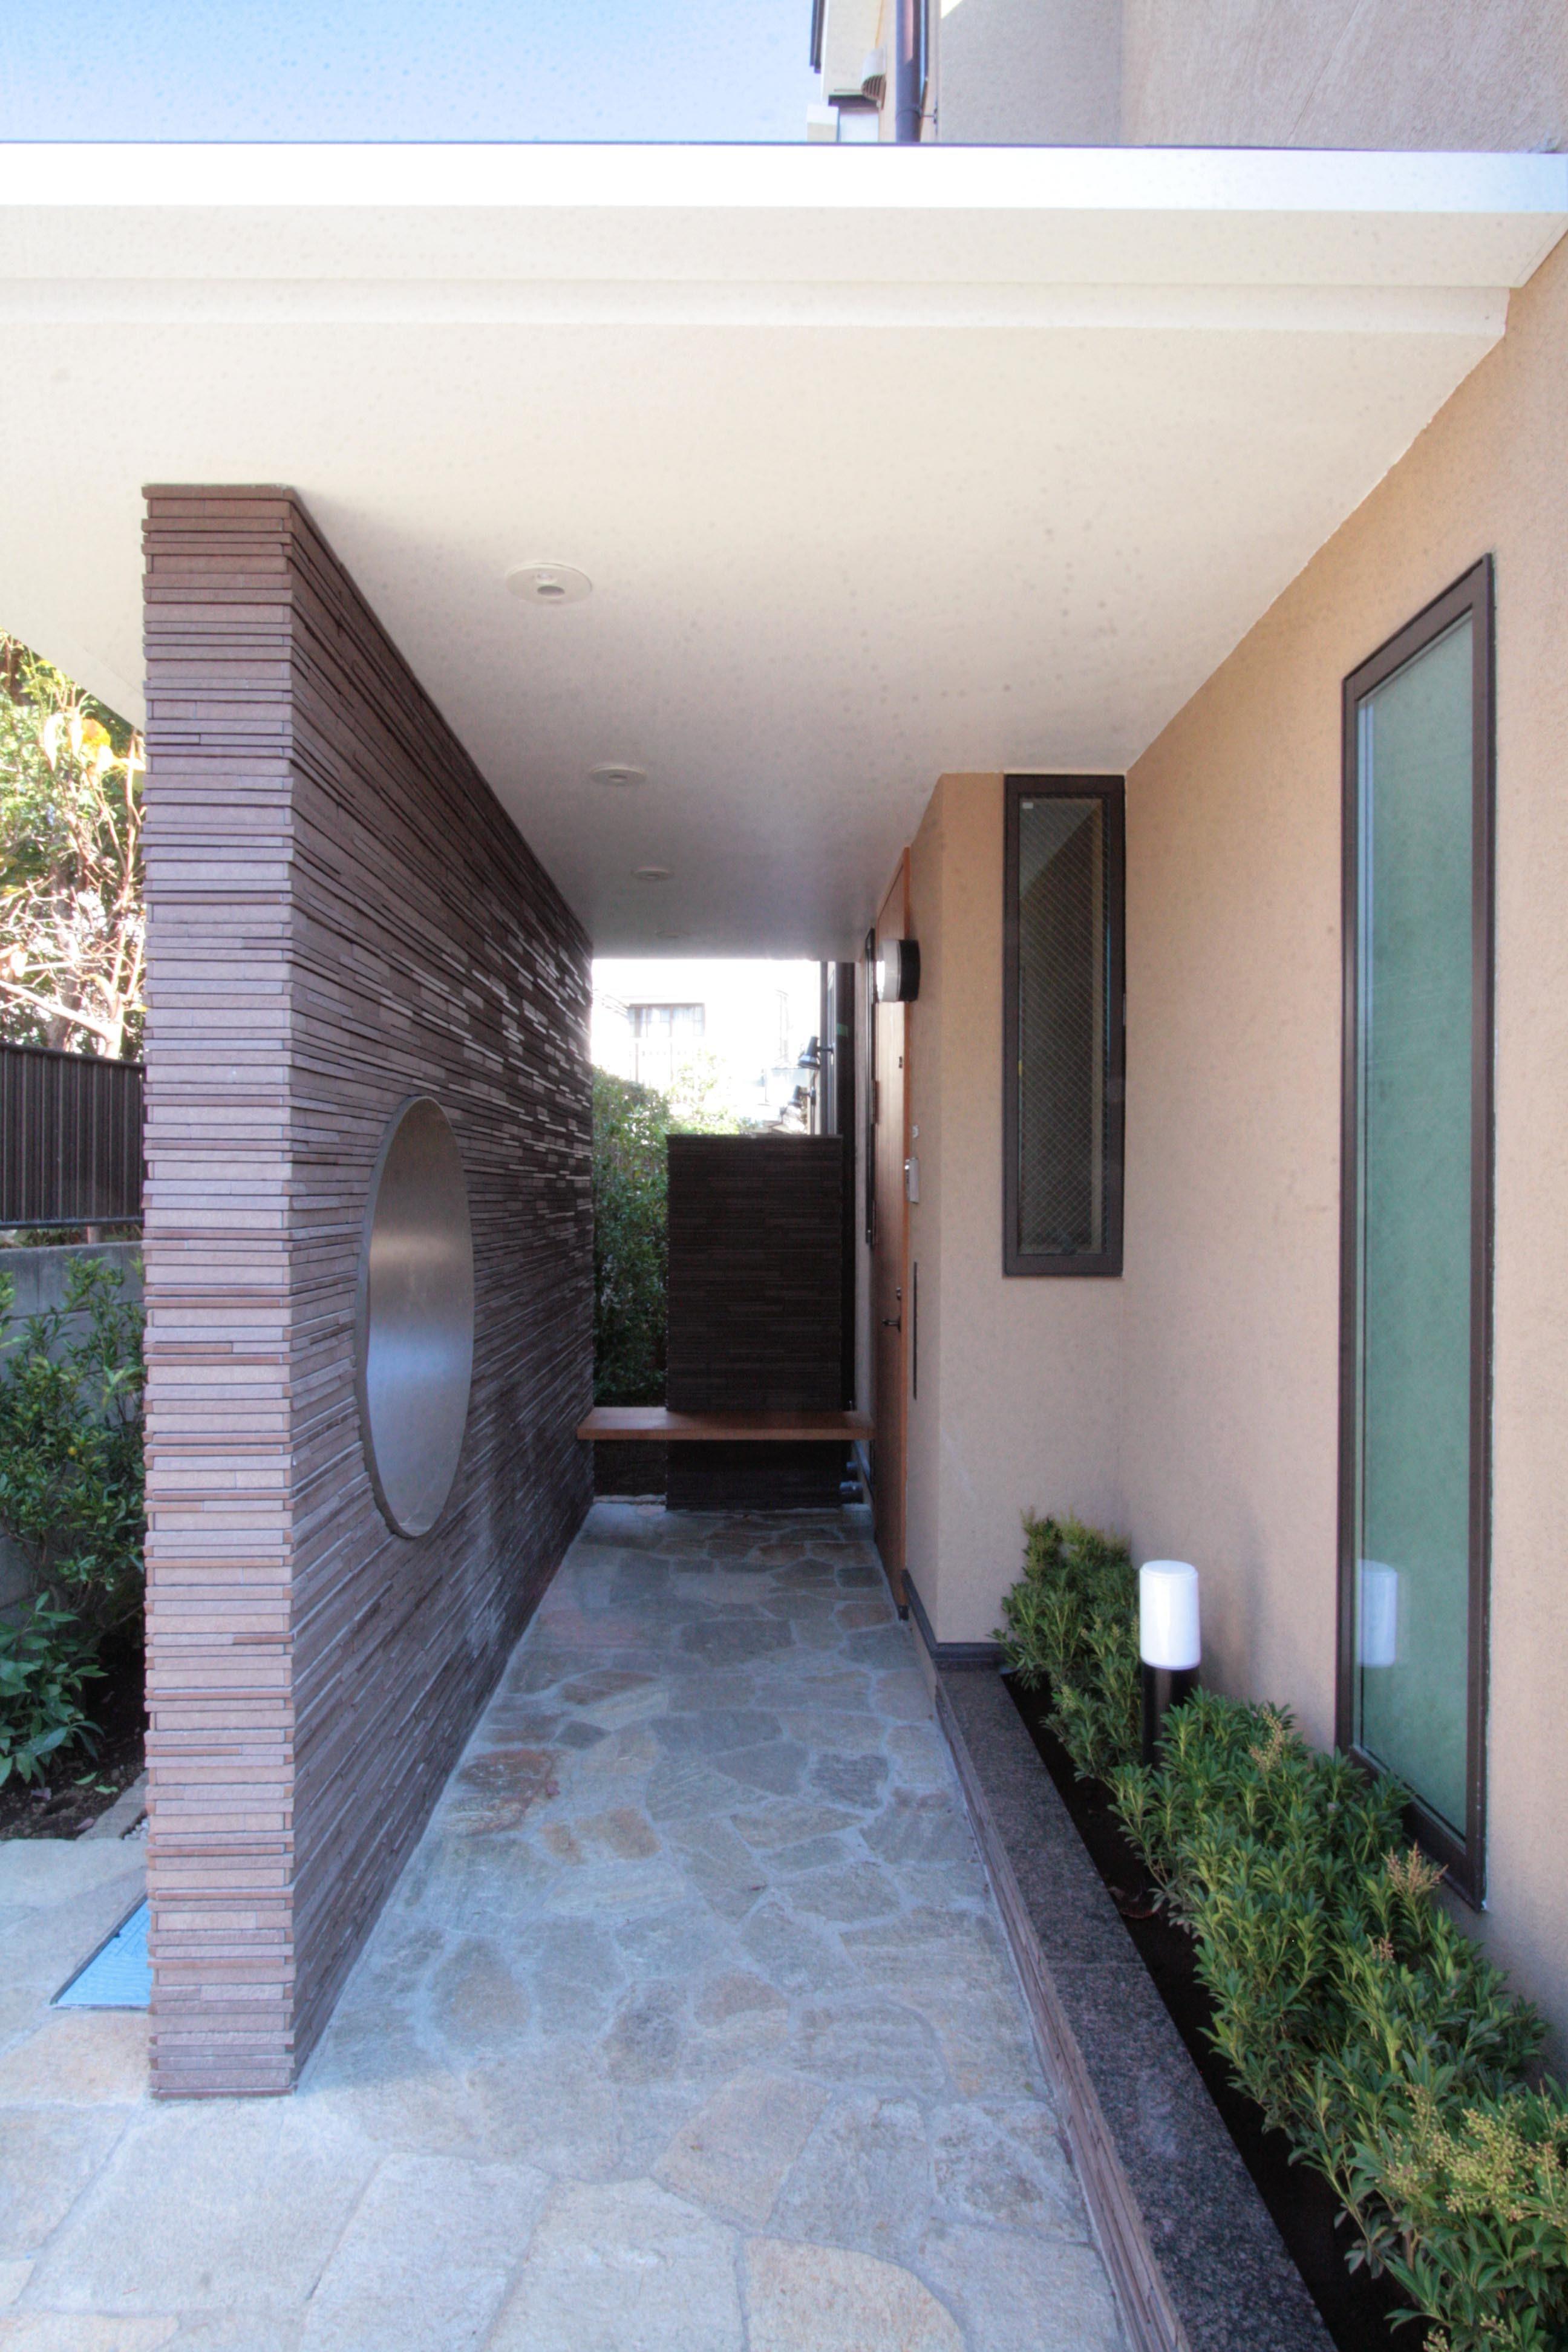 玄関事例:目隠し壁とベンチを設けた玄関アプローチ(大泉学園の家(薪ストーブを設けた吹抜けを中心とした自然素材の家))